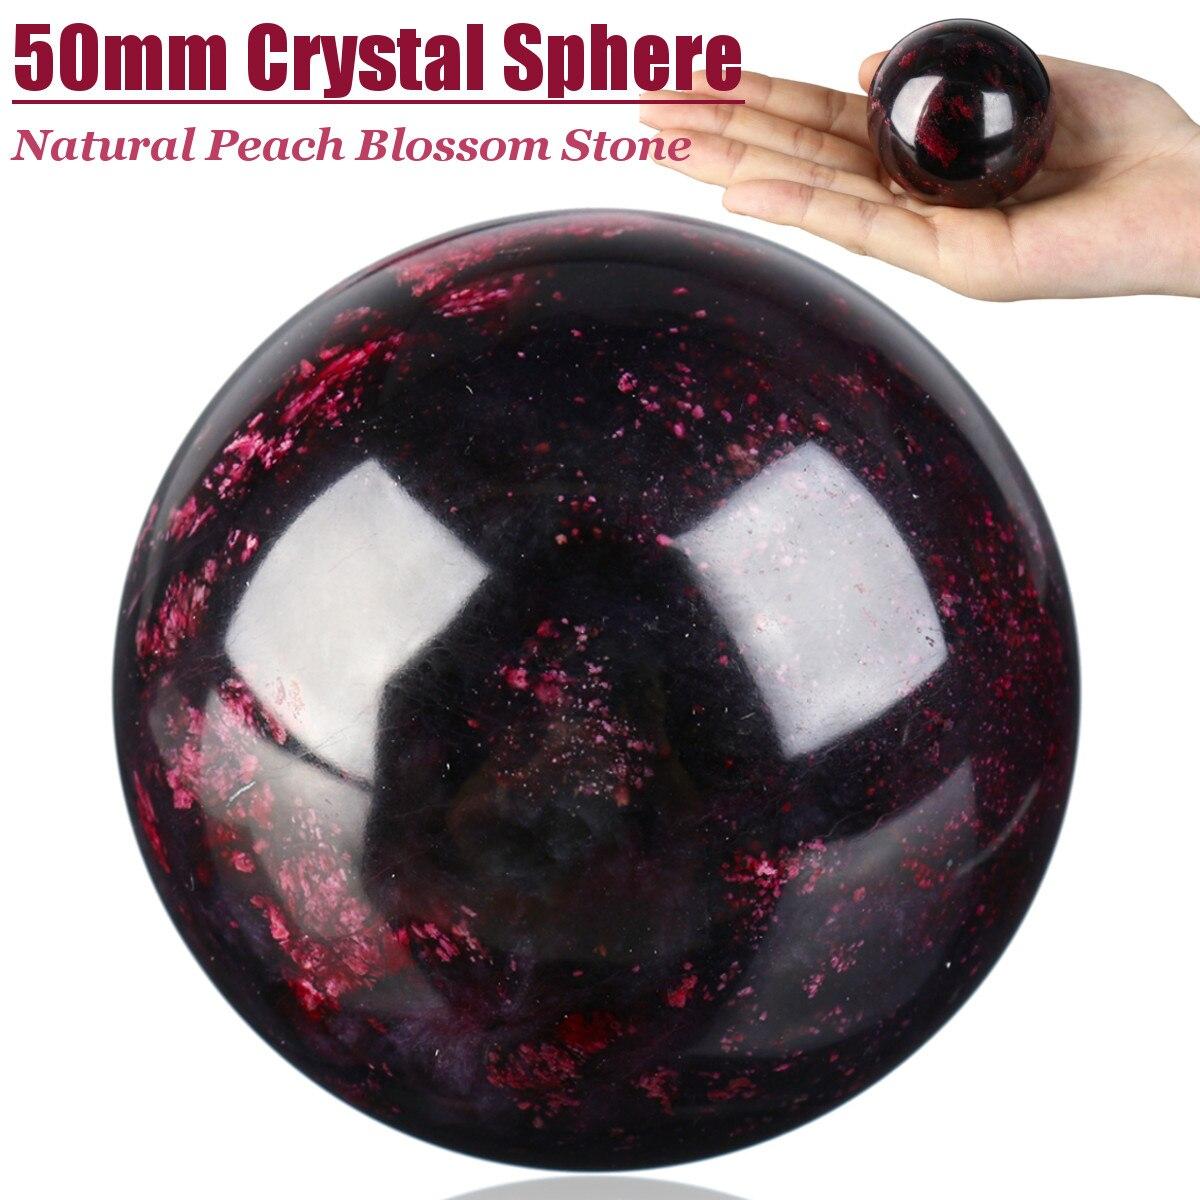 Натуральный фиолетовый аметистовый шарик необработанный драгоценный камень полированный модные подарки магический фиолетовый кварцевый ...